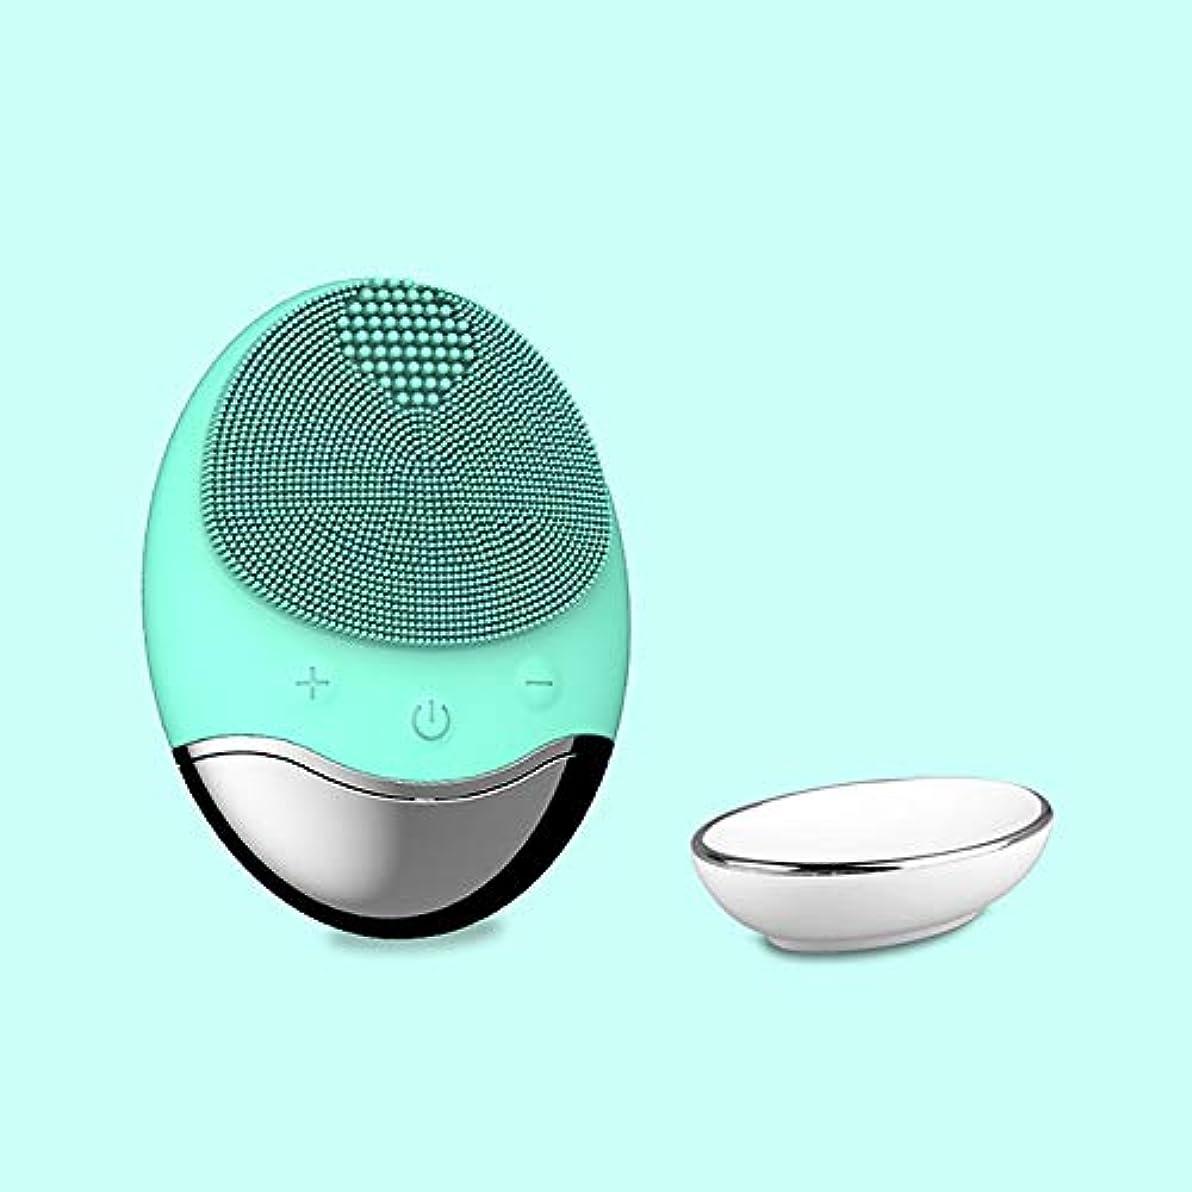 共和国購入公演ZXF 新しいアップグレードワイヤレス充電電気家庭用竹炭シリコーン防水超音波洗浄毛穴洗浄器具洗浄器具輸入器具 滑らかである (色 : Green)